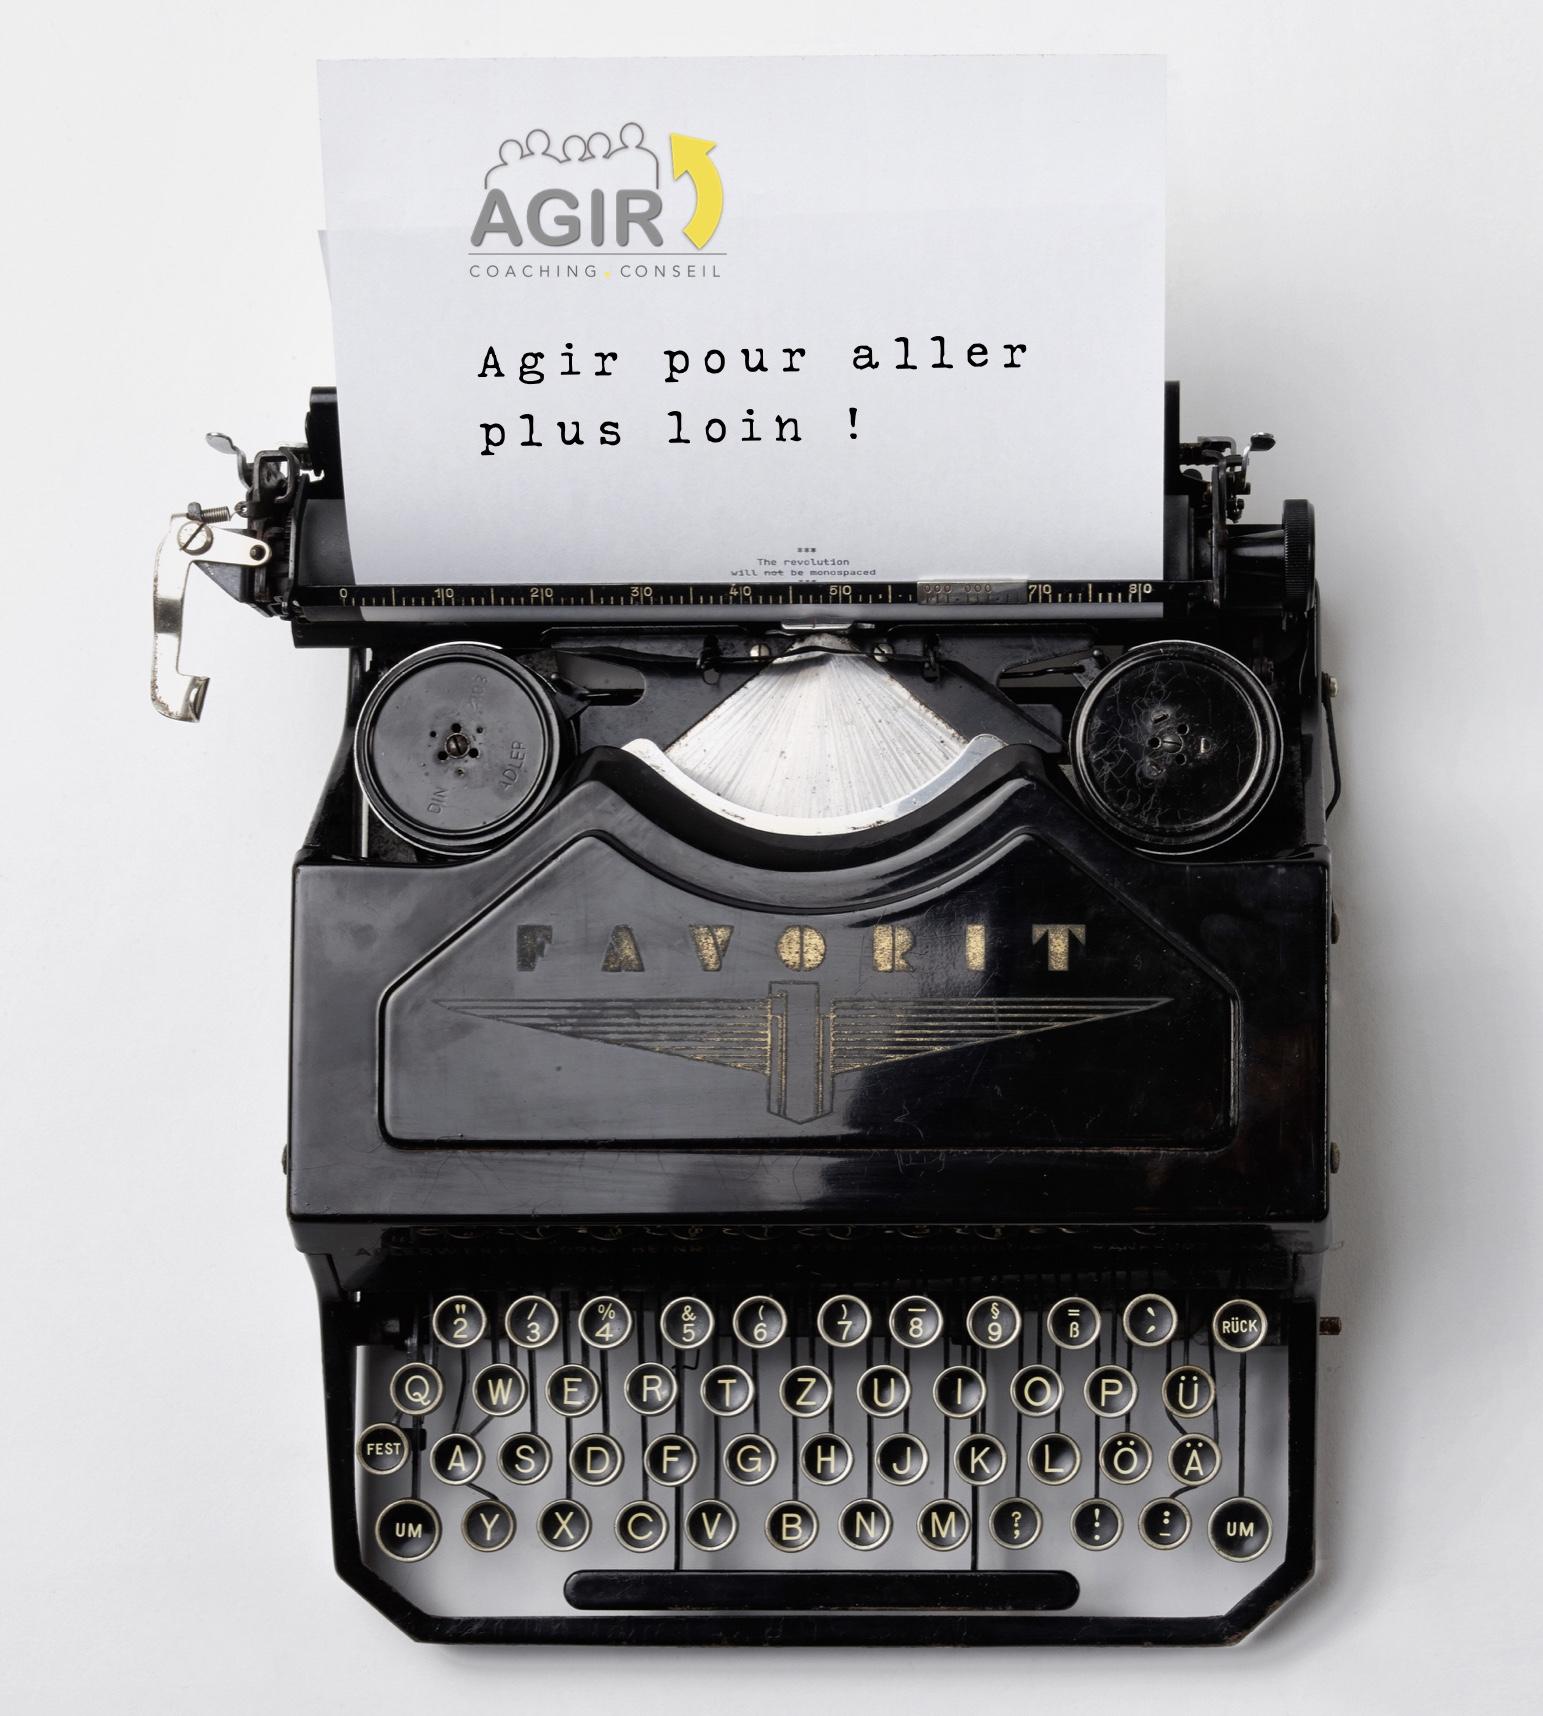 Agir-machine